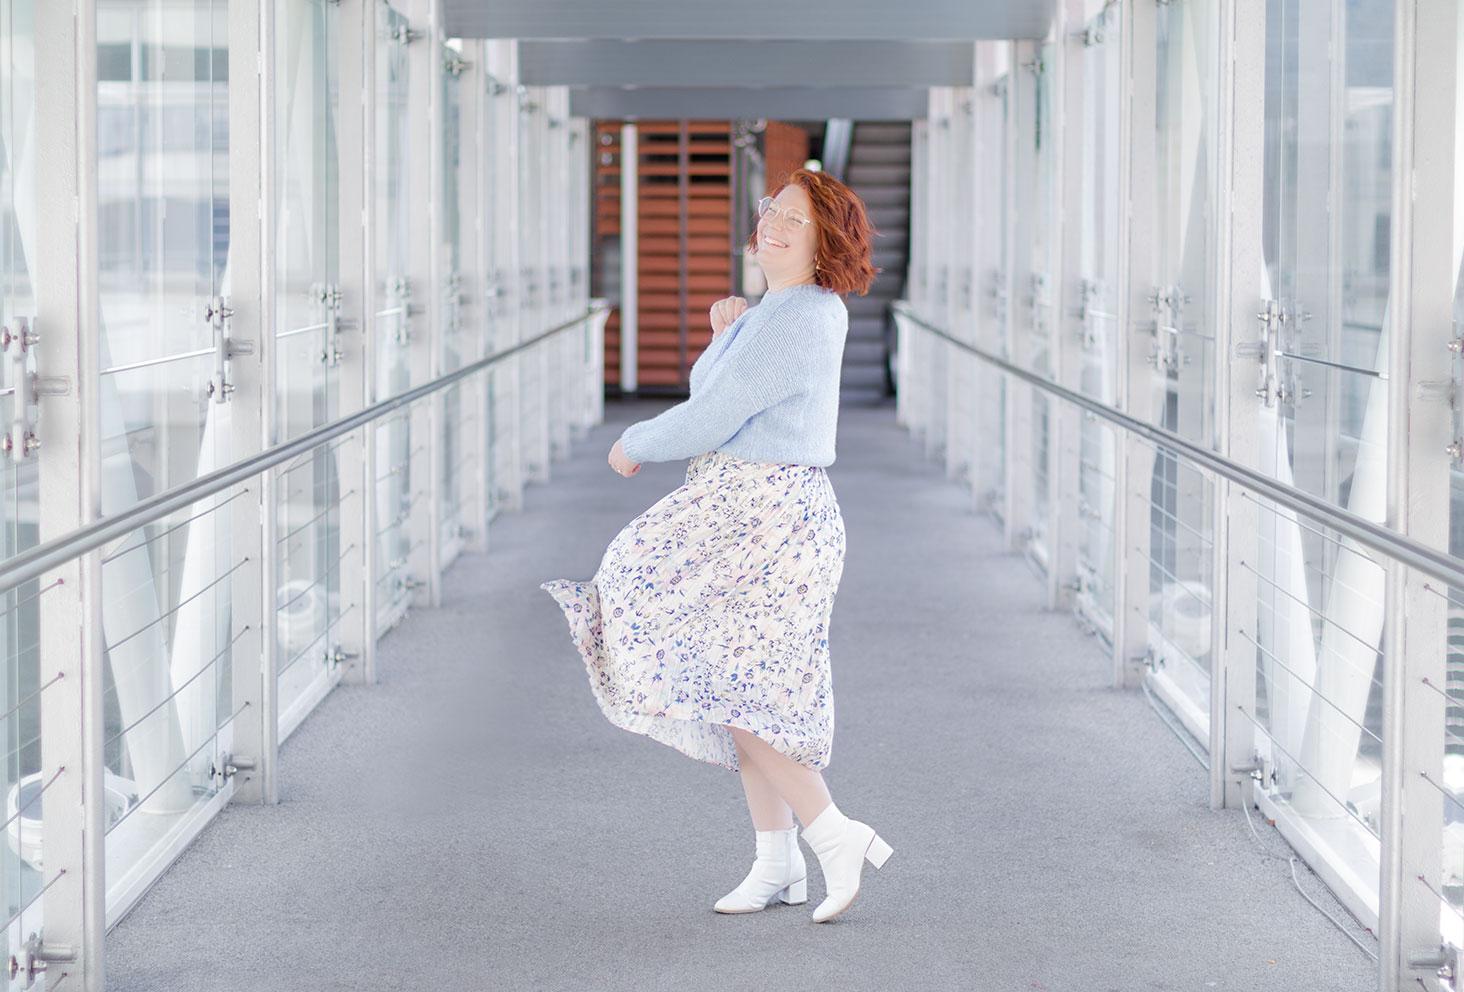 Sur une passerelle au-dessus d'une route, en robe qui tourne pastel et bottines blanches, avec le sourire